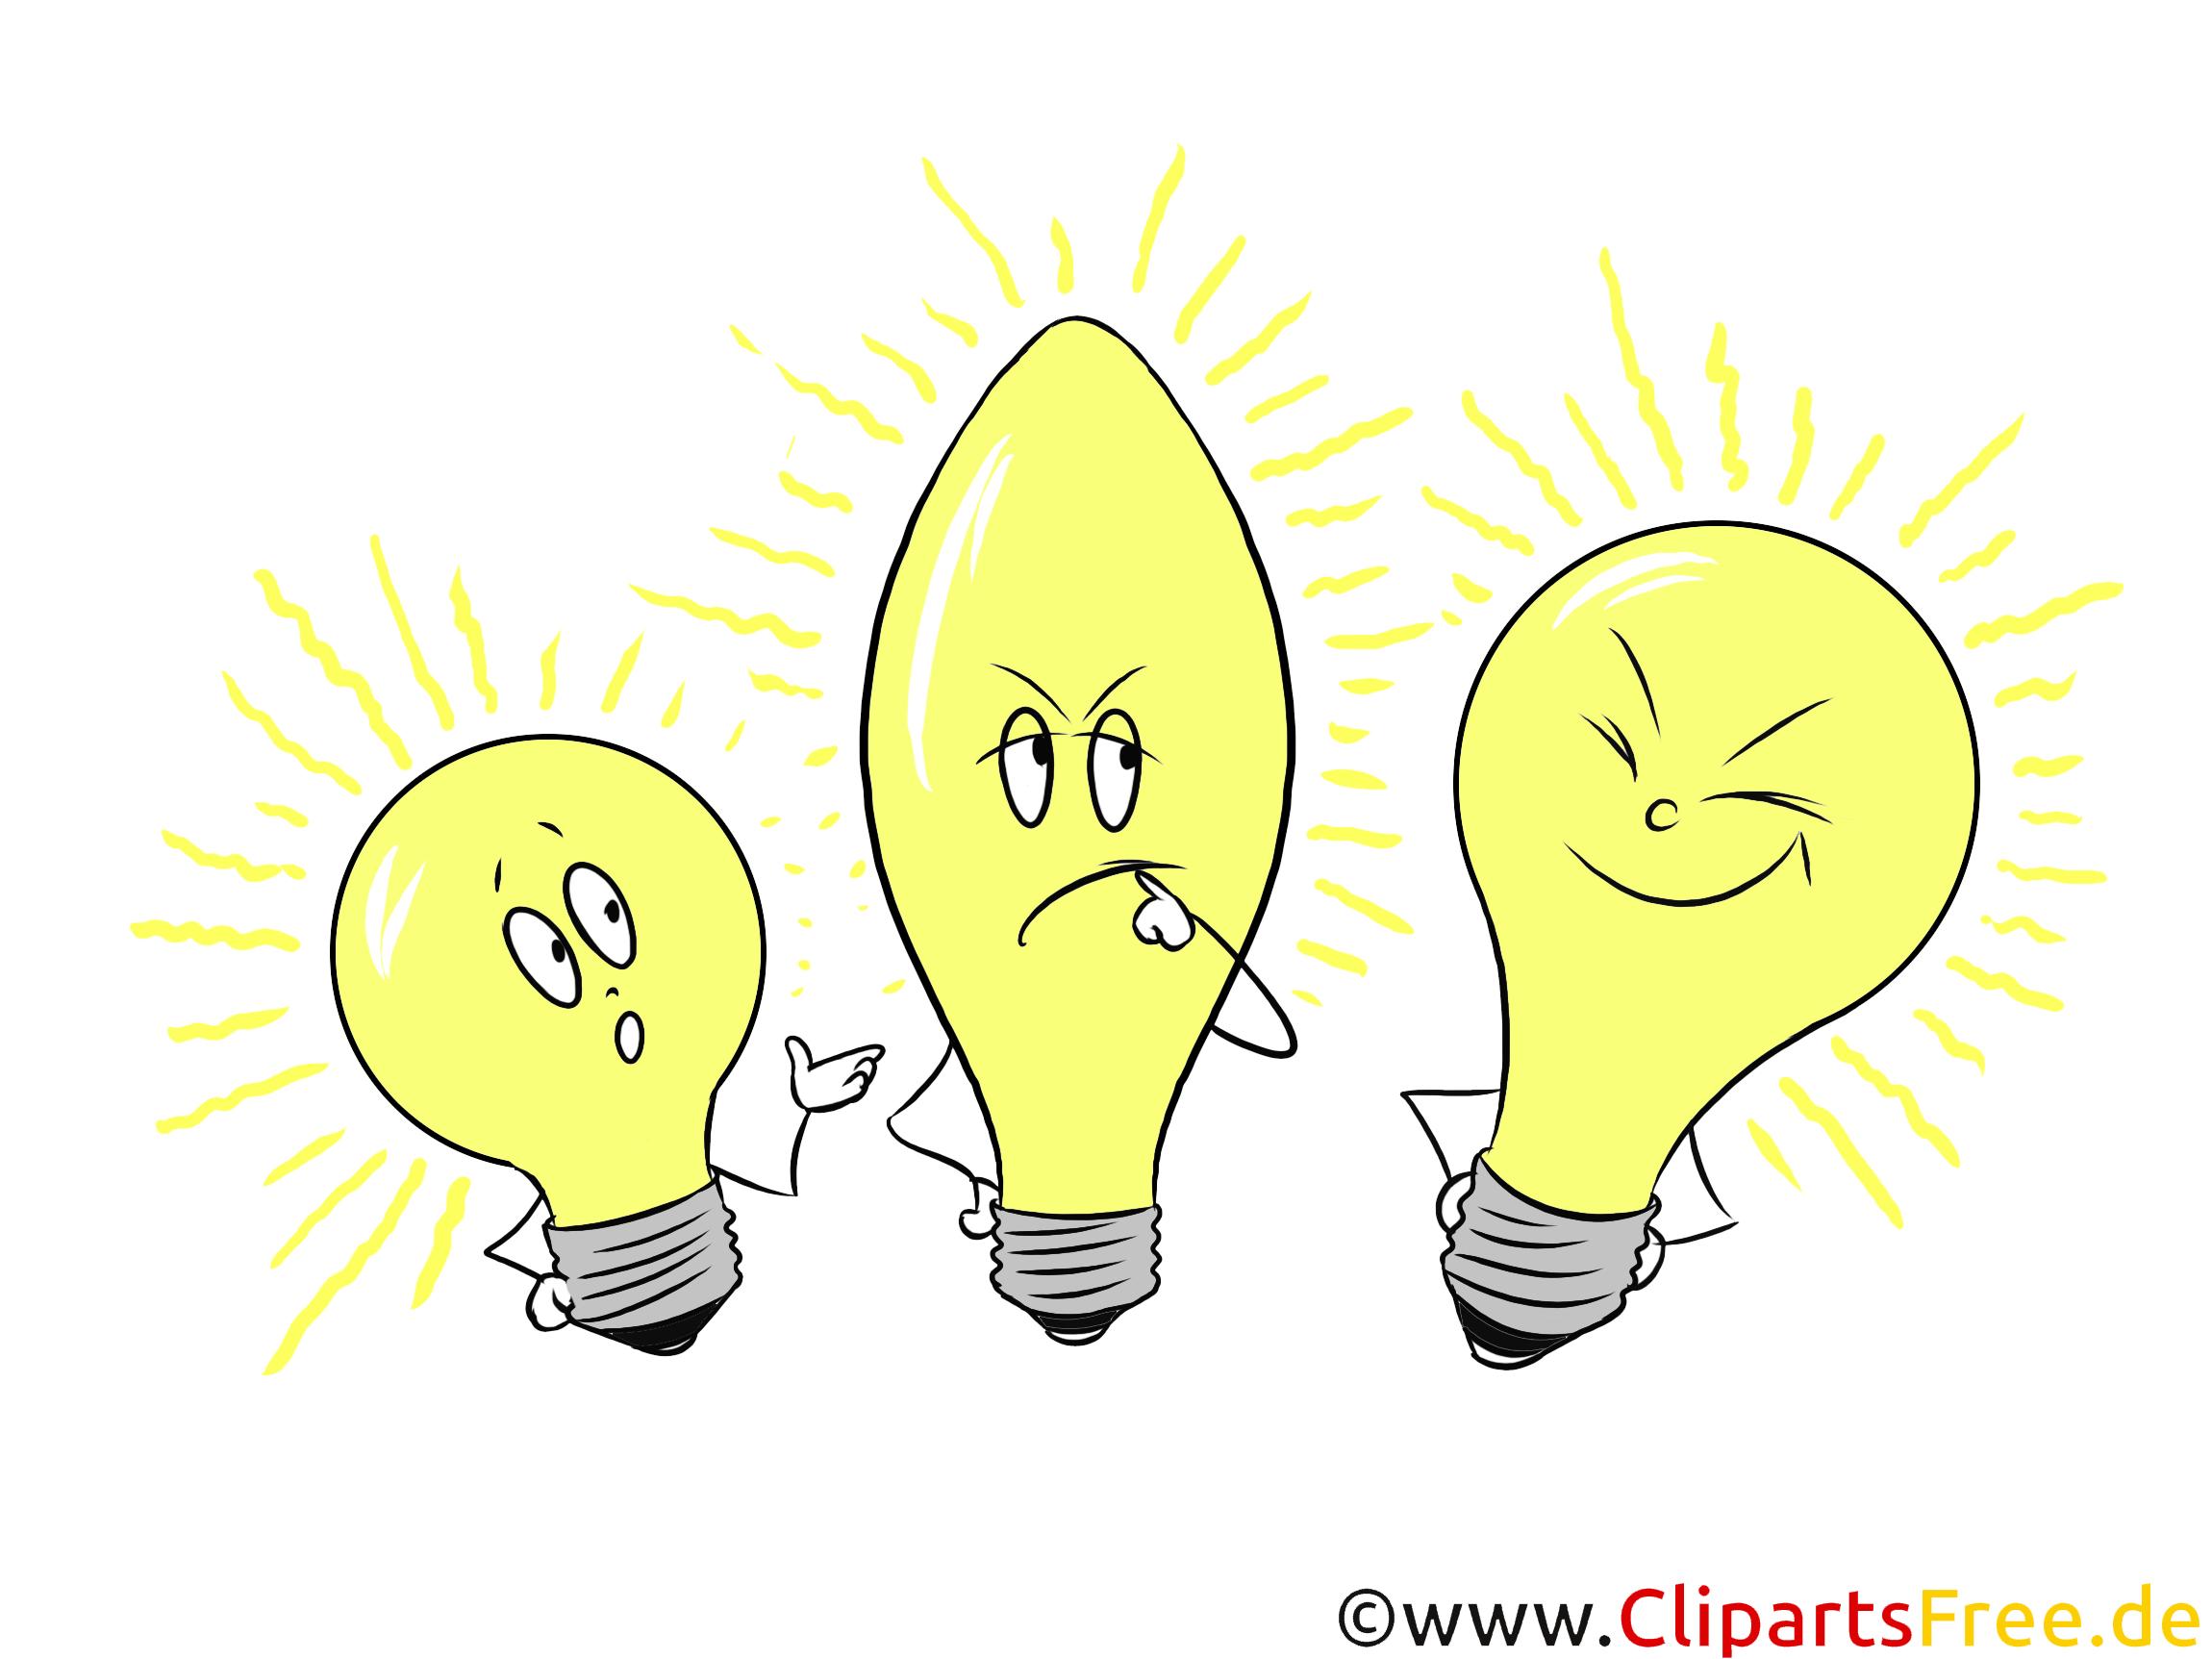 Gelbe Glühbirnen Illustration, Clipart zum Präsentieren